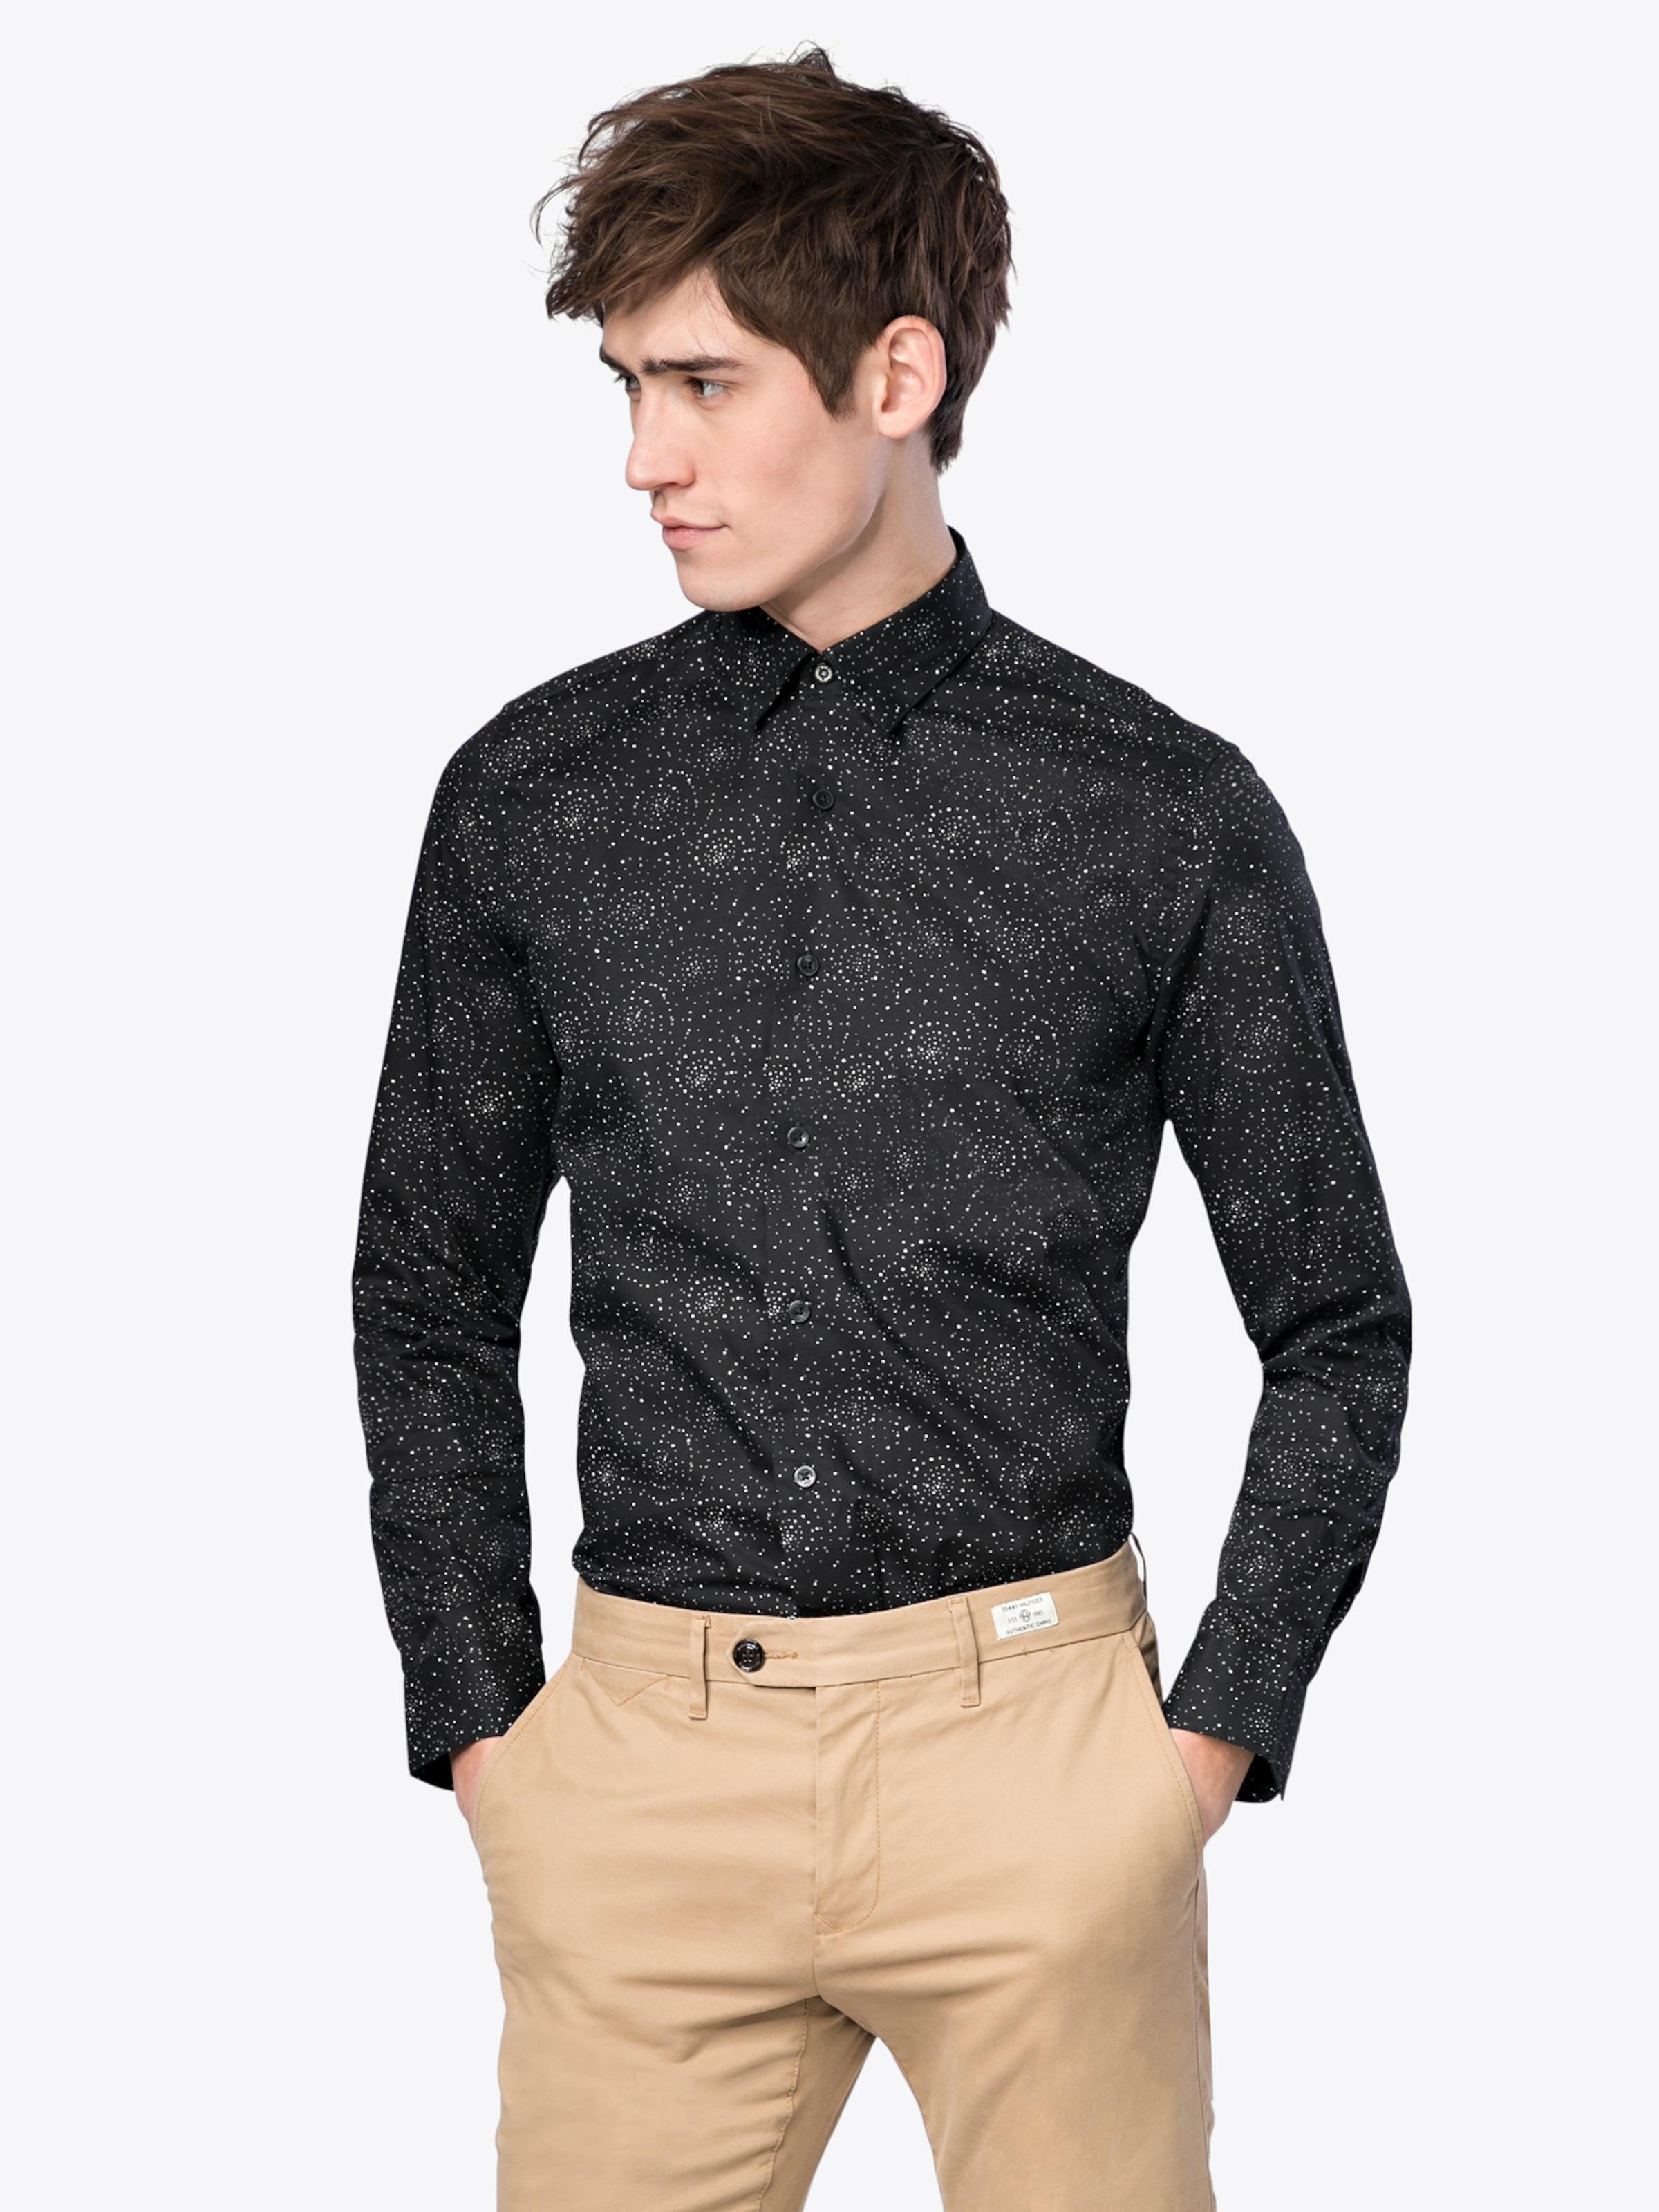 Breite Palette Von Online Billig Verkauf Niedriger Preis Ben Sherman Hemd 'LS Psychedelic Pindot Shirt' Spielraum Online-Shop Sonnenschein DYyBj